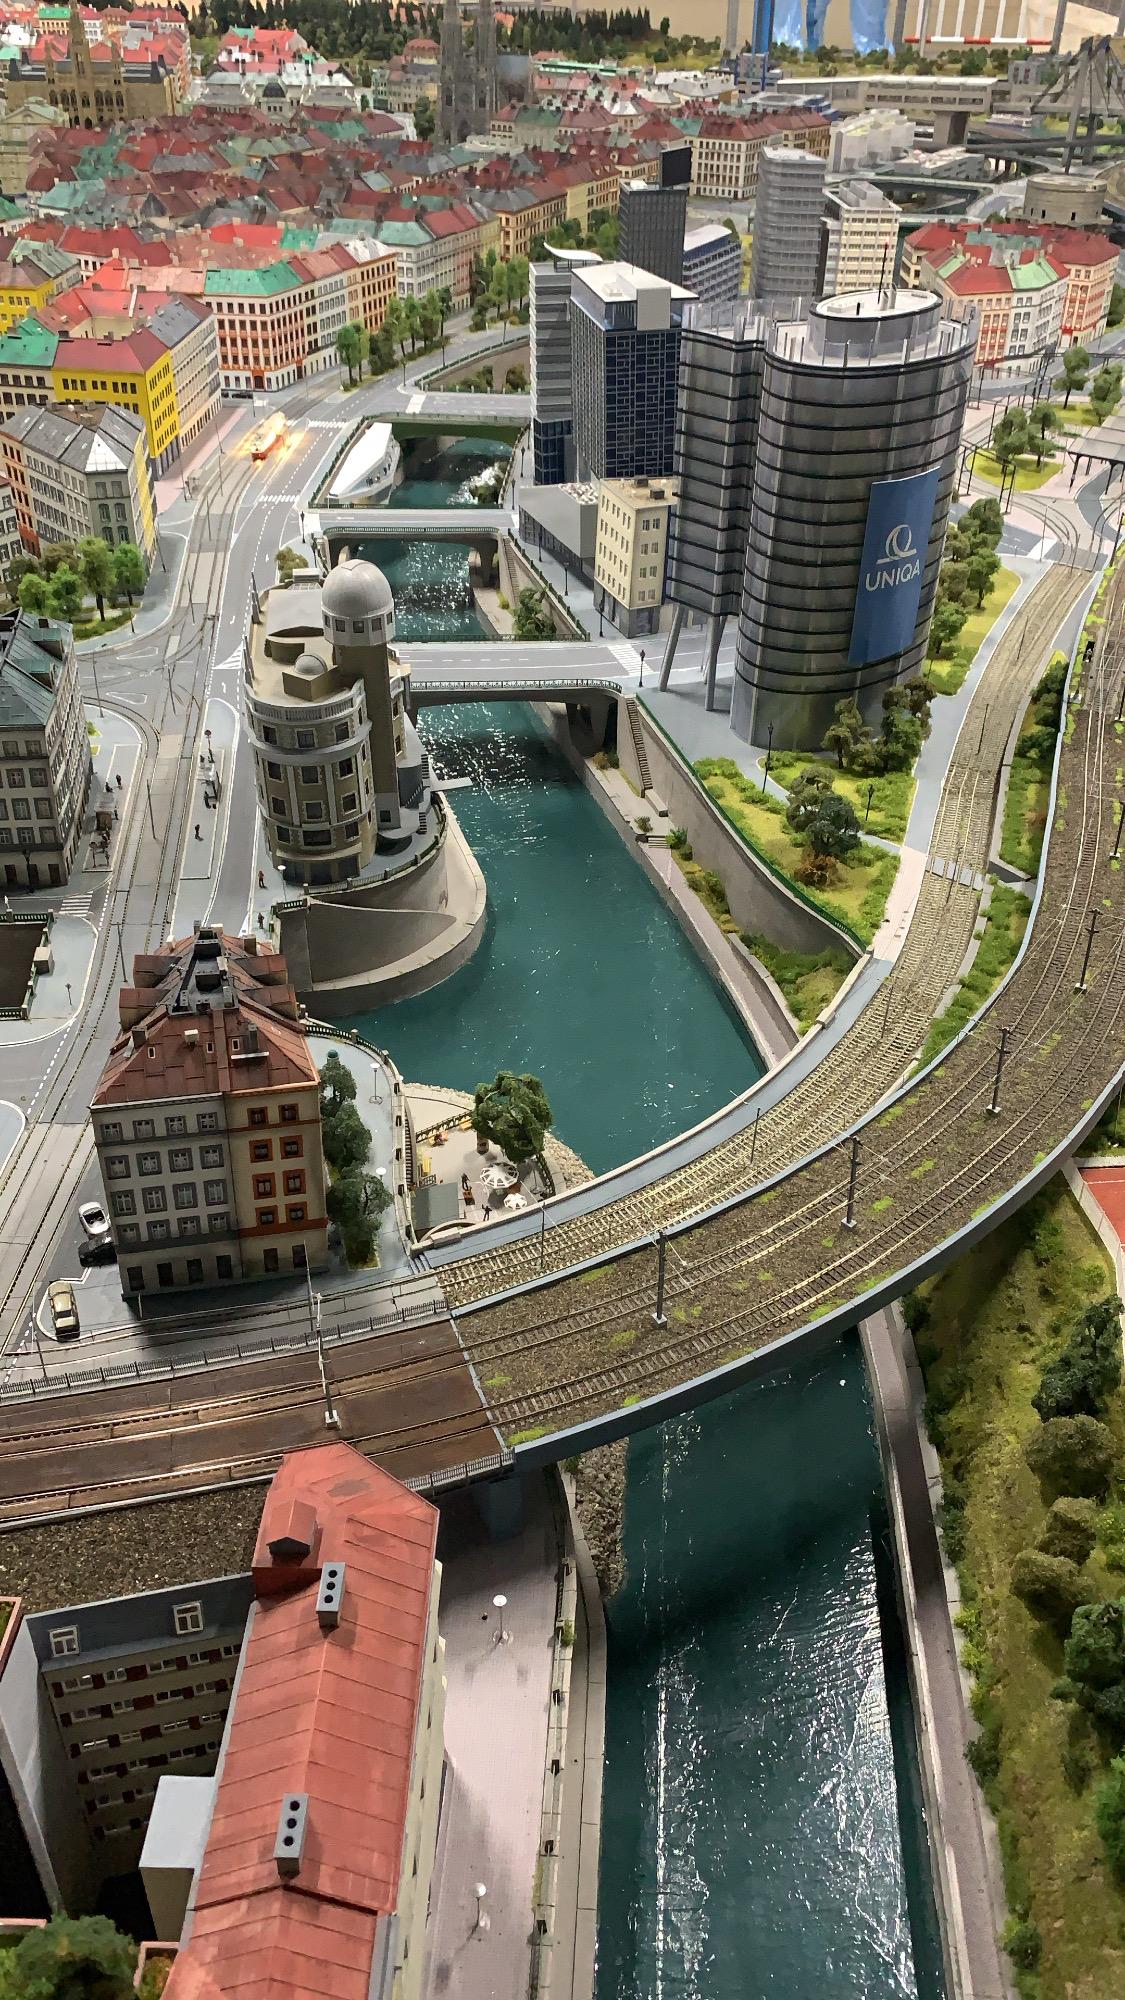 Königreich der Eisenbahnen Urania